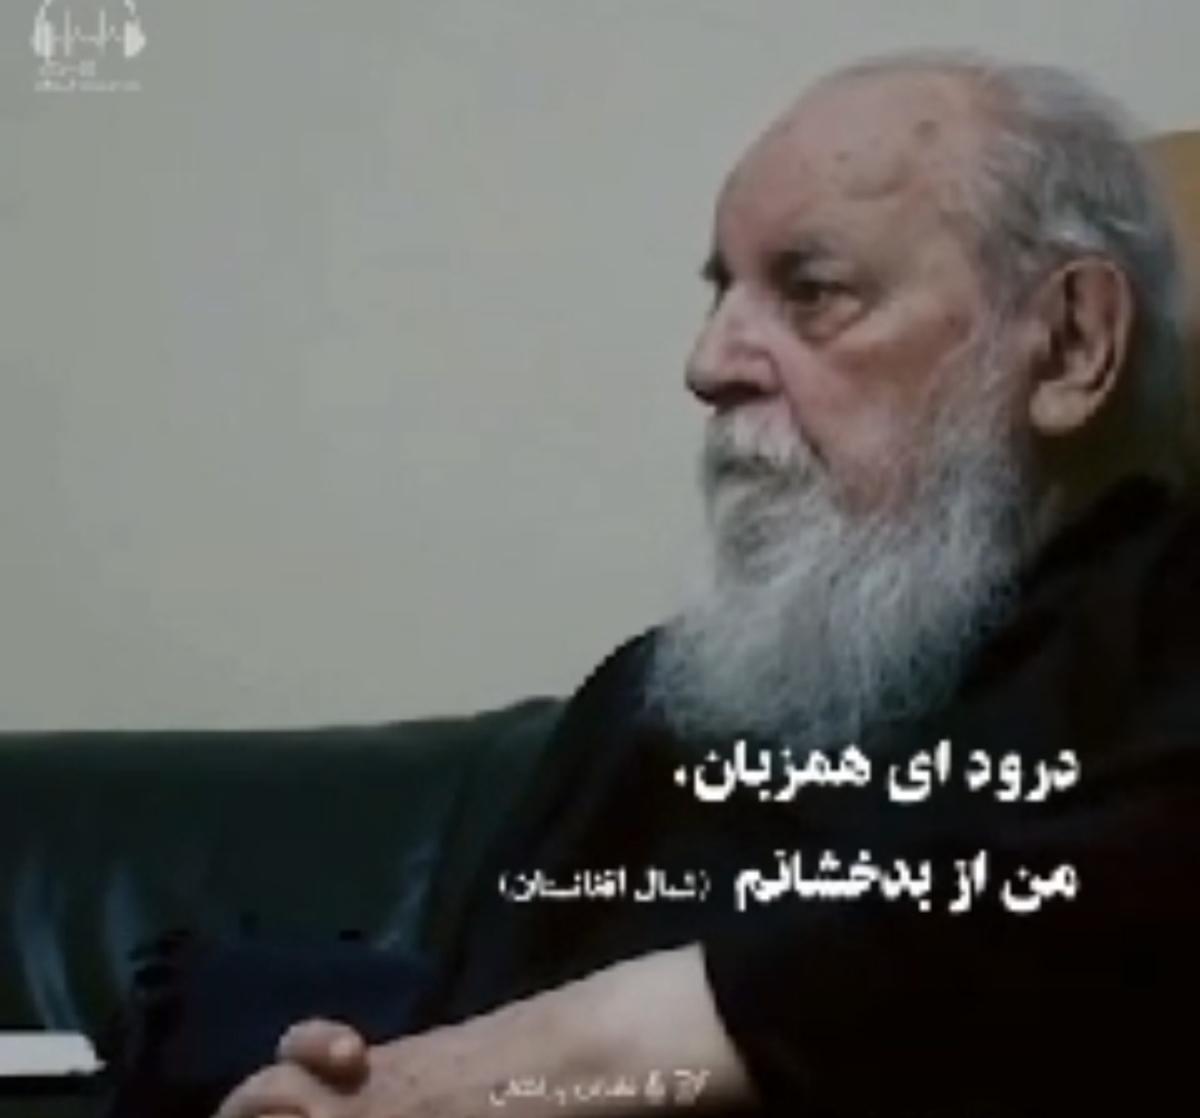 دیدار غفران بدخشان شاعر افغانستانی با هوشنگ ابتهاج + ویدئو